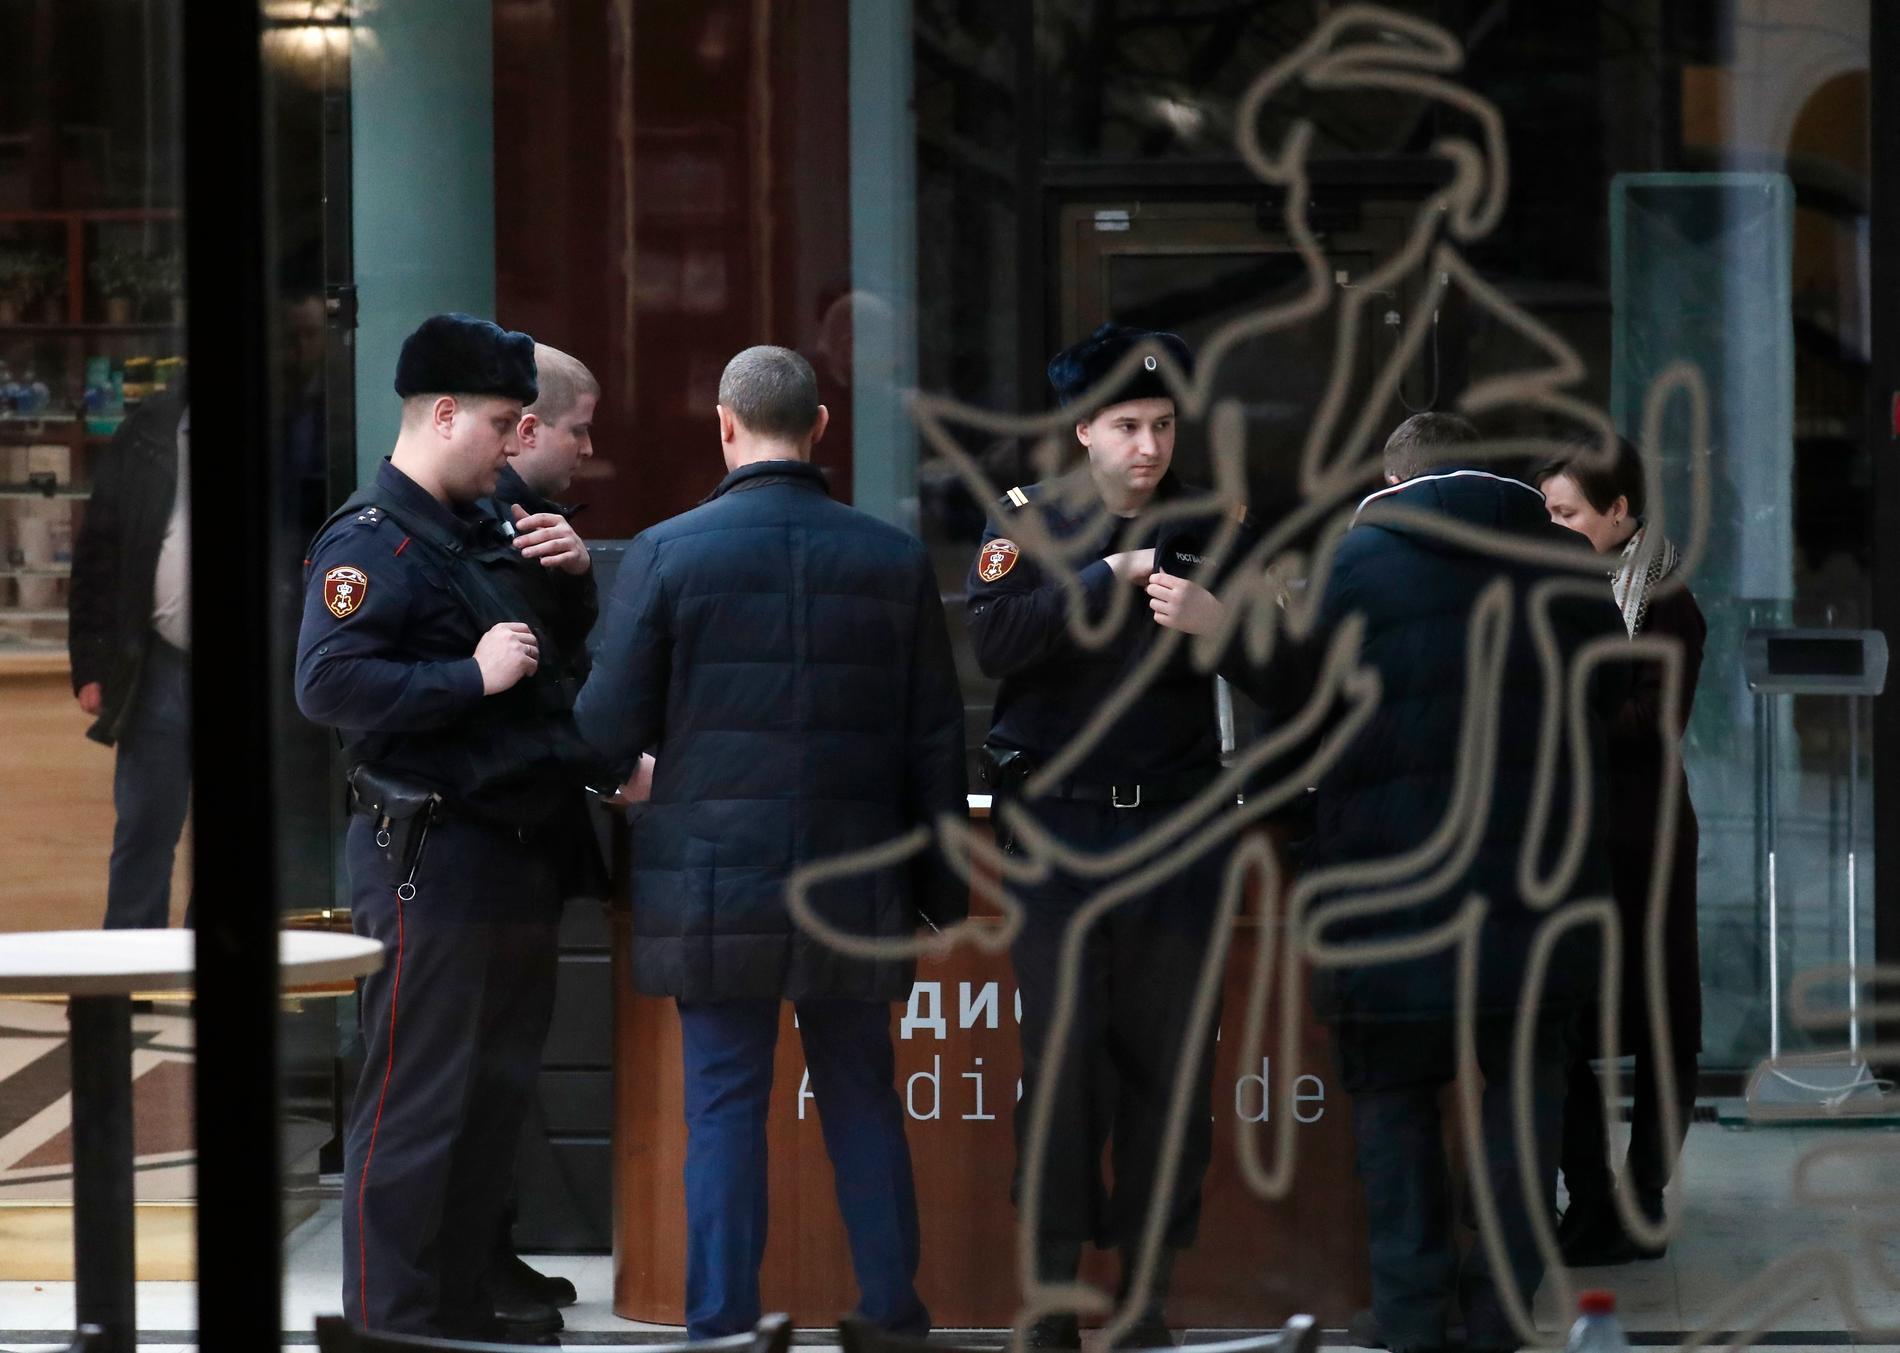 Polisen på plats på Tretjakovgalleriet i Moskva efter den fräcka tavelstölden.